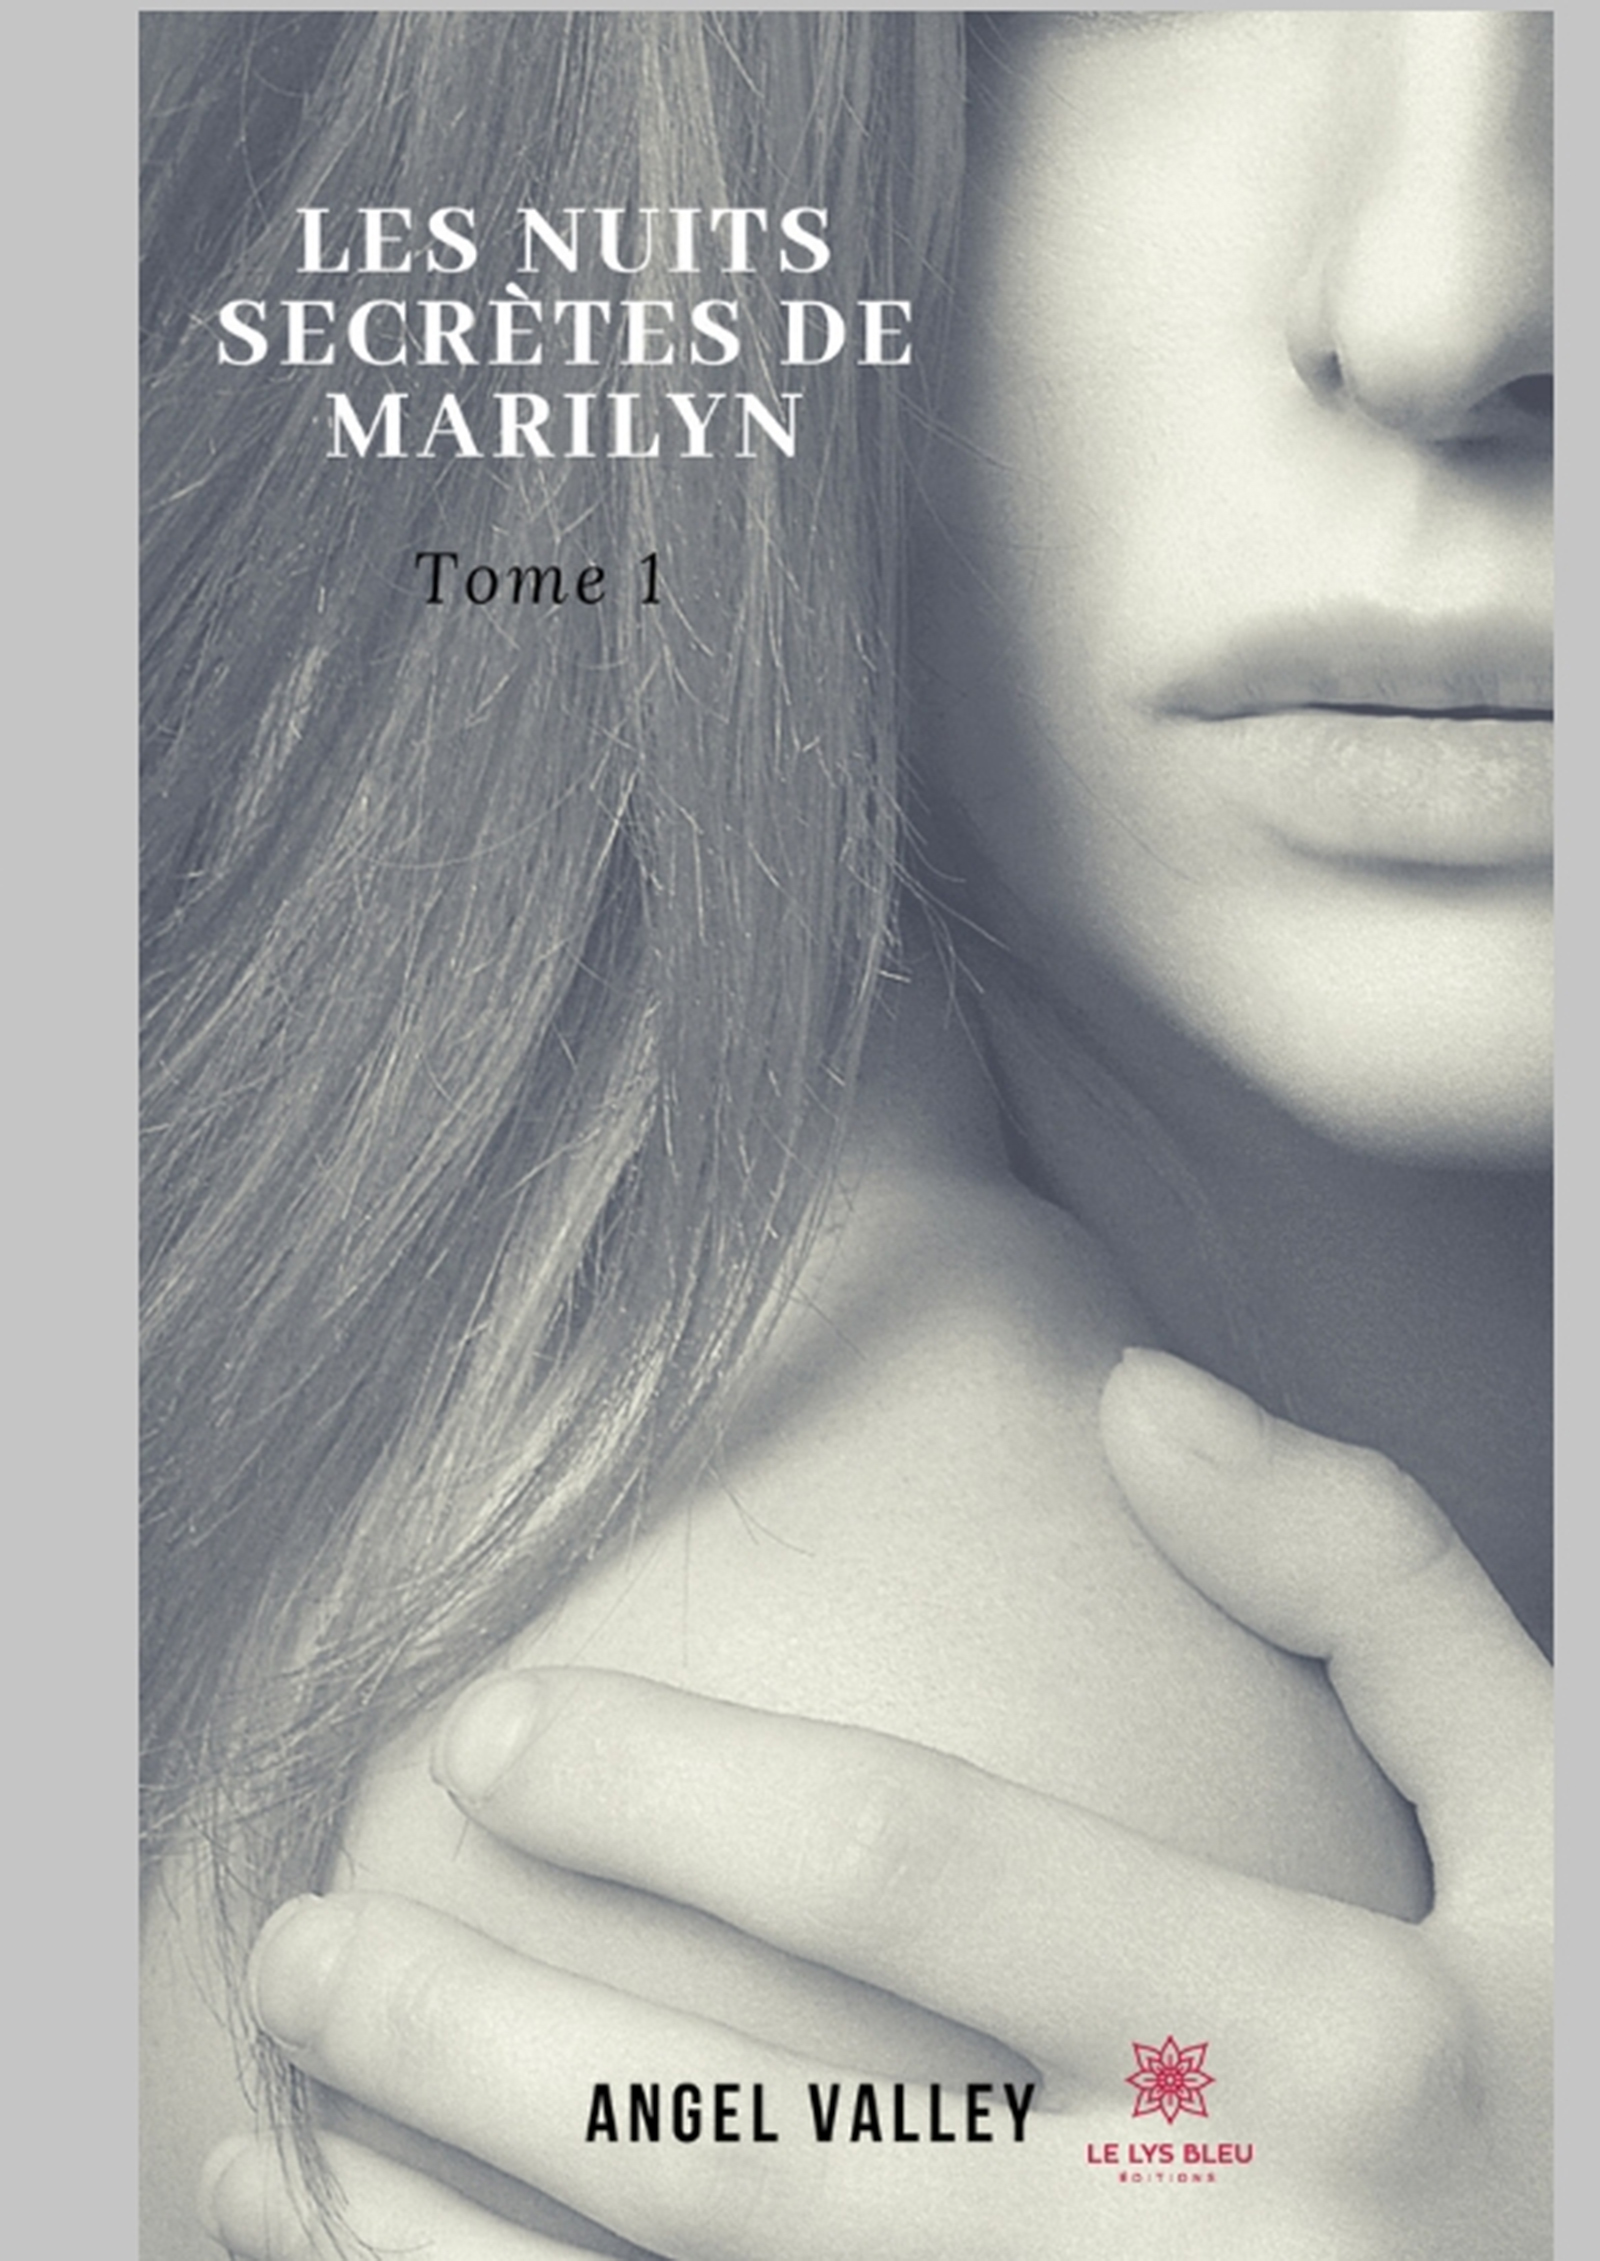 Les nuits secrètes de Marilyn